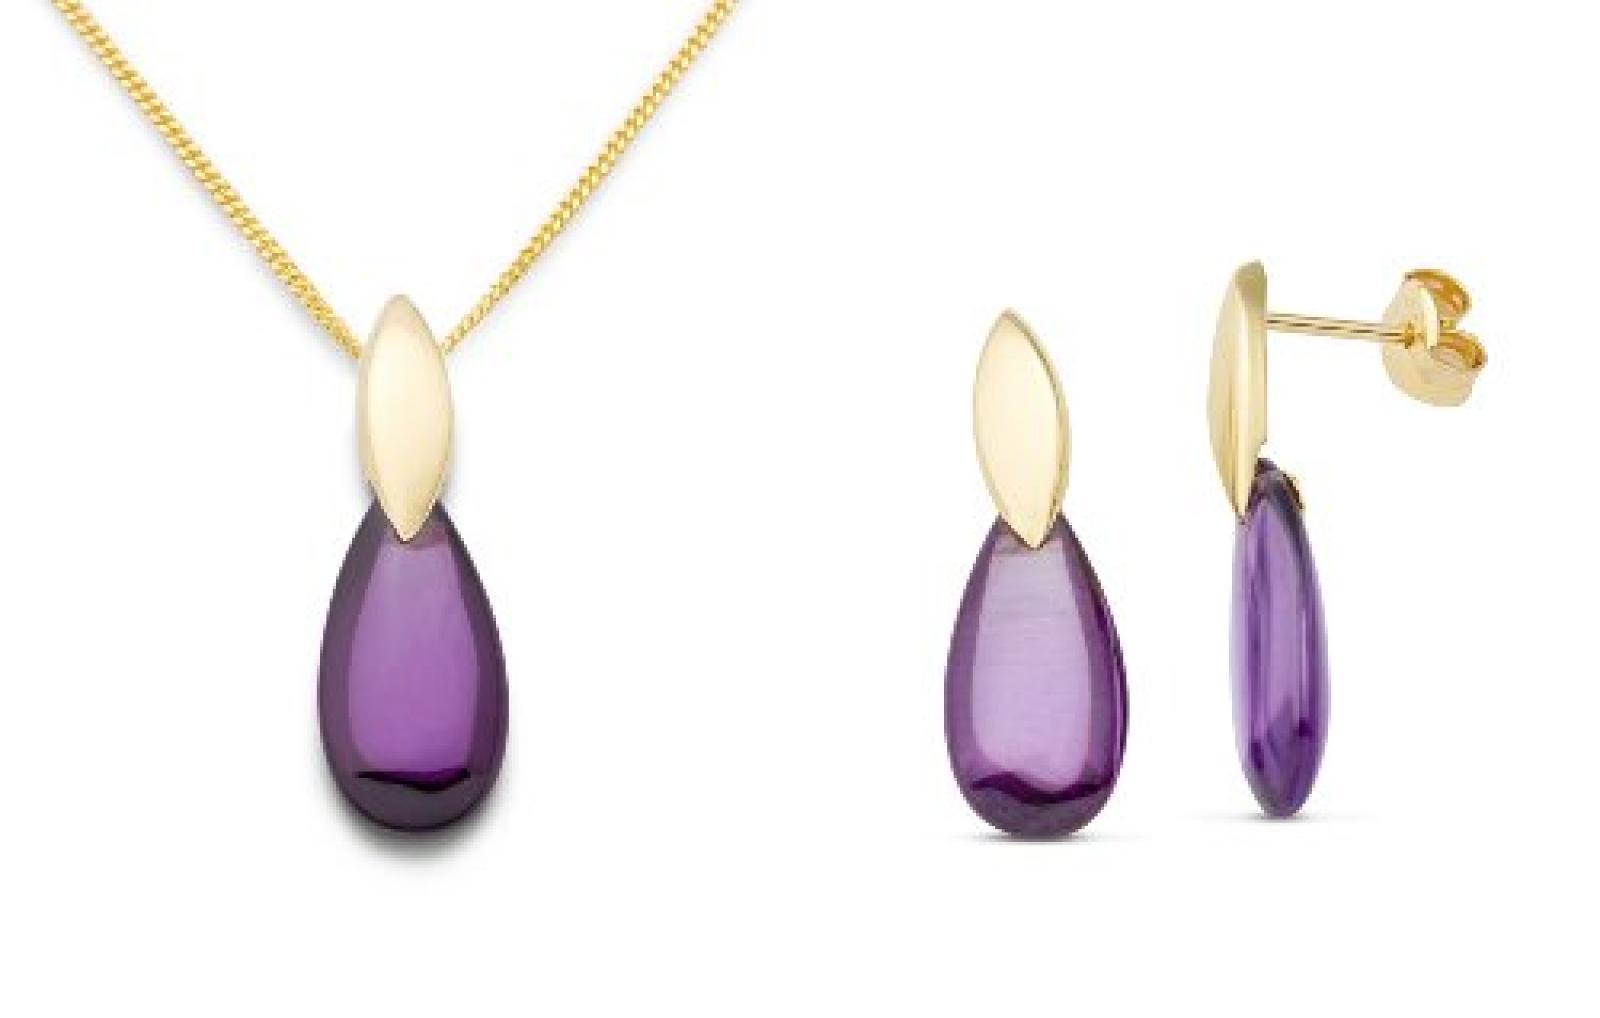 Miore Damen-Schmuck-Set: Halskette + Ohrringe Zirkonia Amethyst Tropfen 375 Gelbgold MSET010